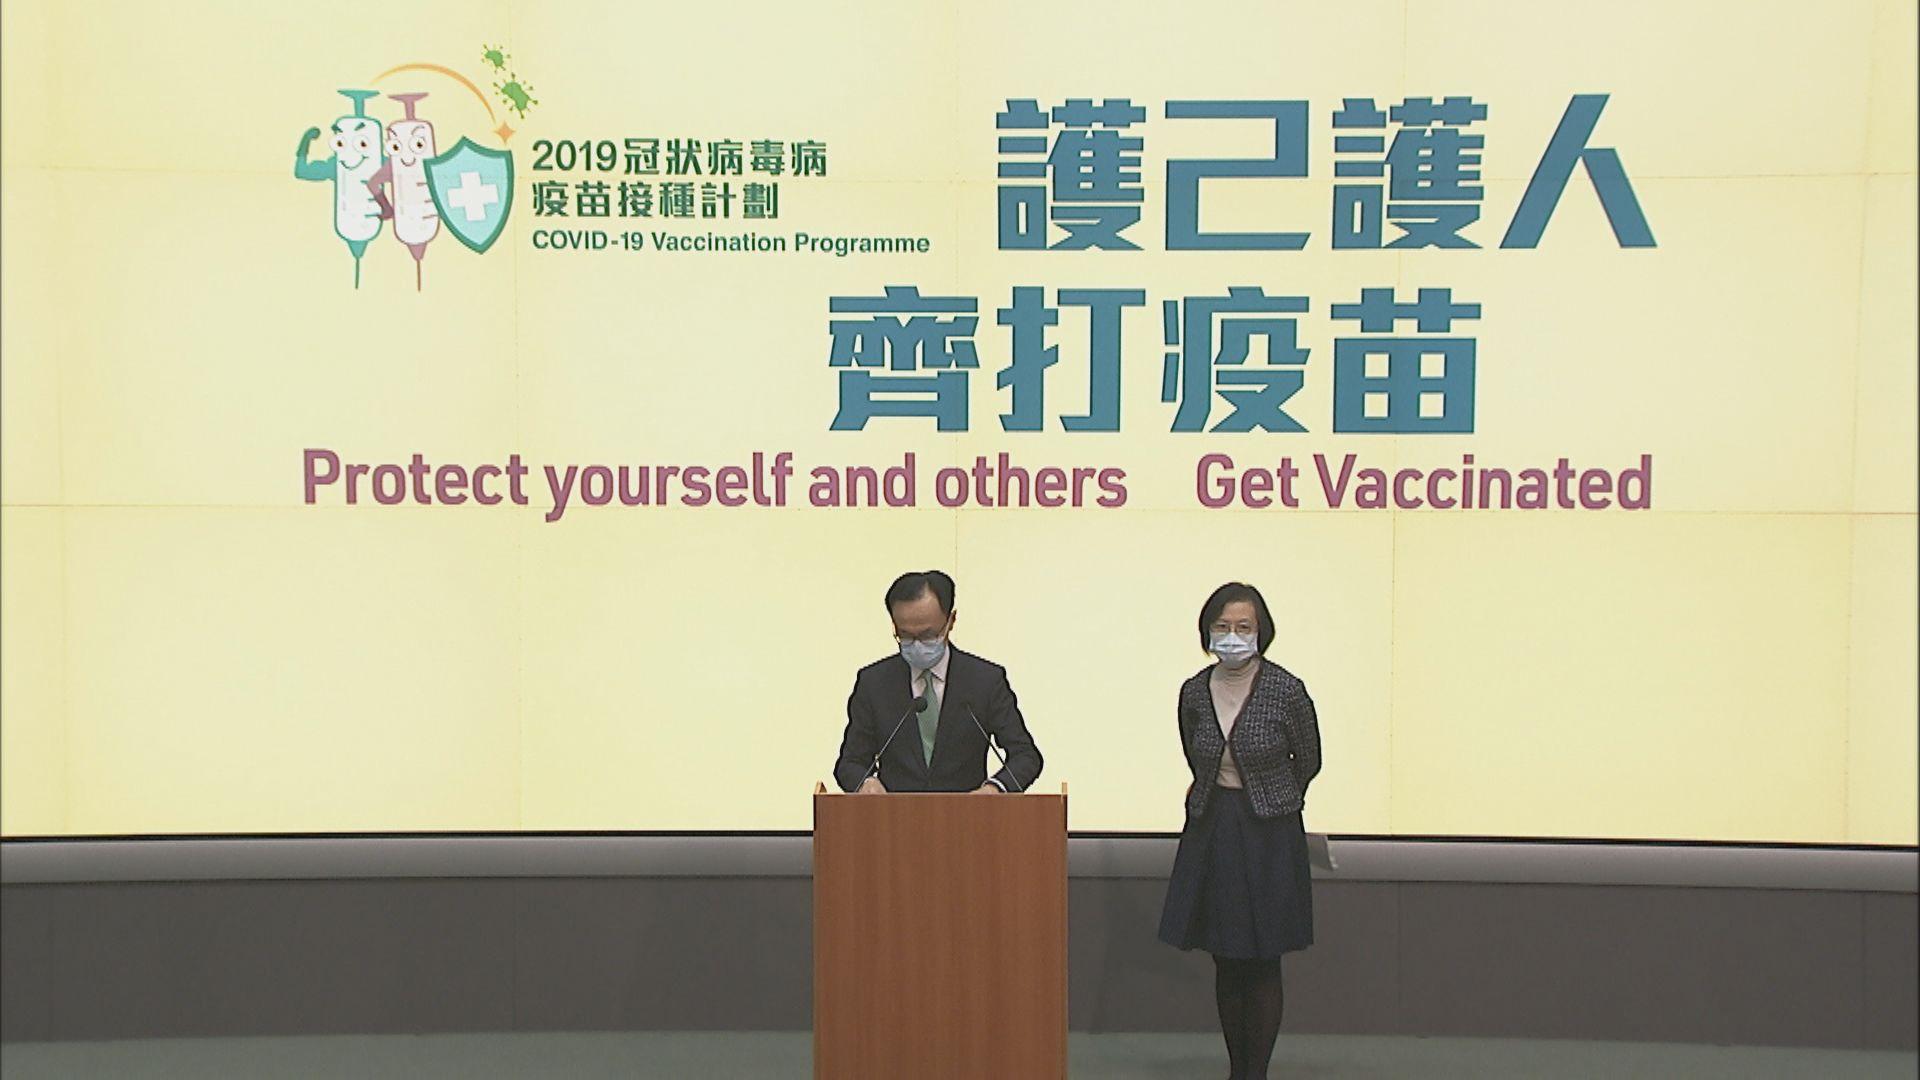 【最新】政府擴大優先接種組別包括30至59歲人士